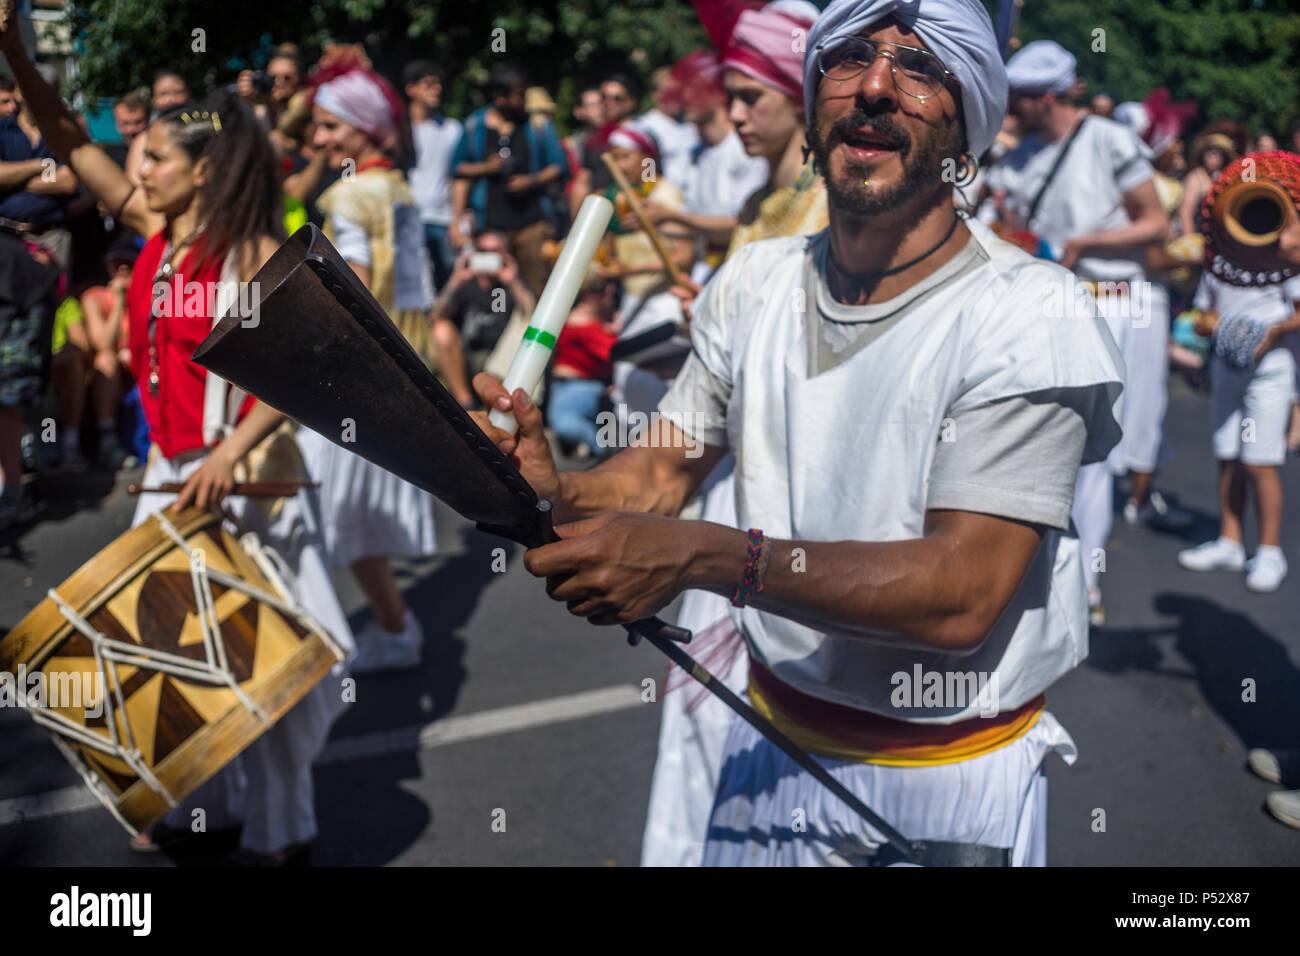 El desfile es el punto culminante del carnaval de las Culturas durante el fin de semana de Pentecostés en Berlín. Foto de stock